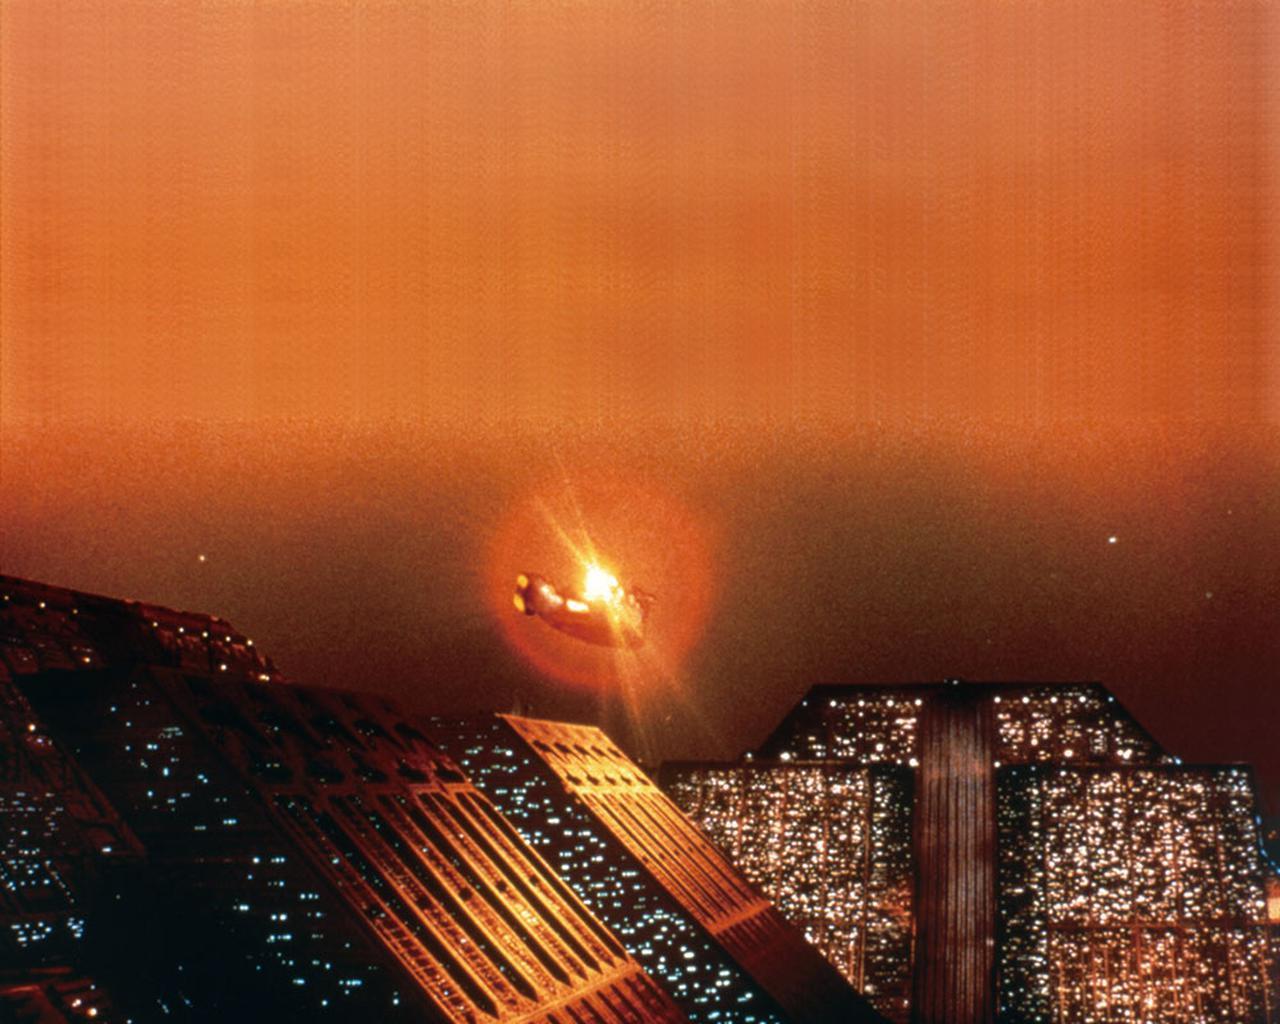 画像: 『ブレードランナー』(1982)